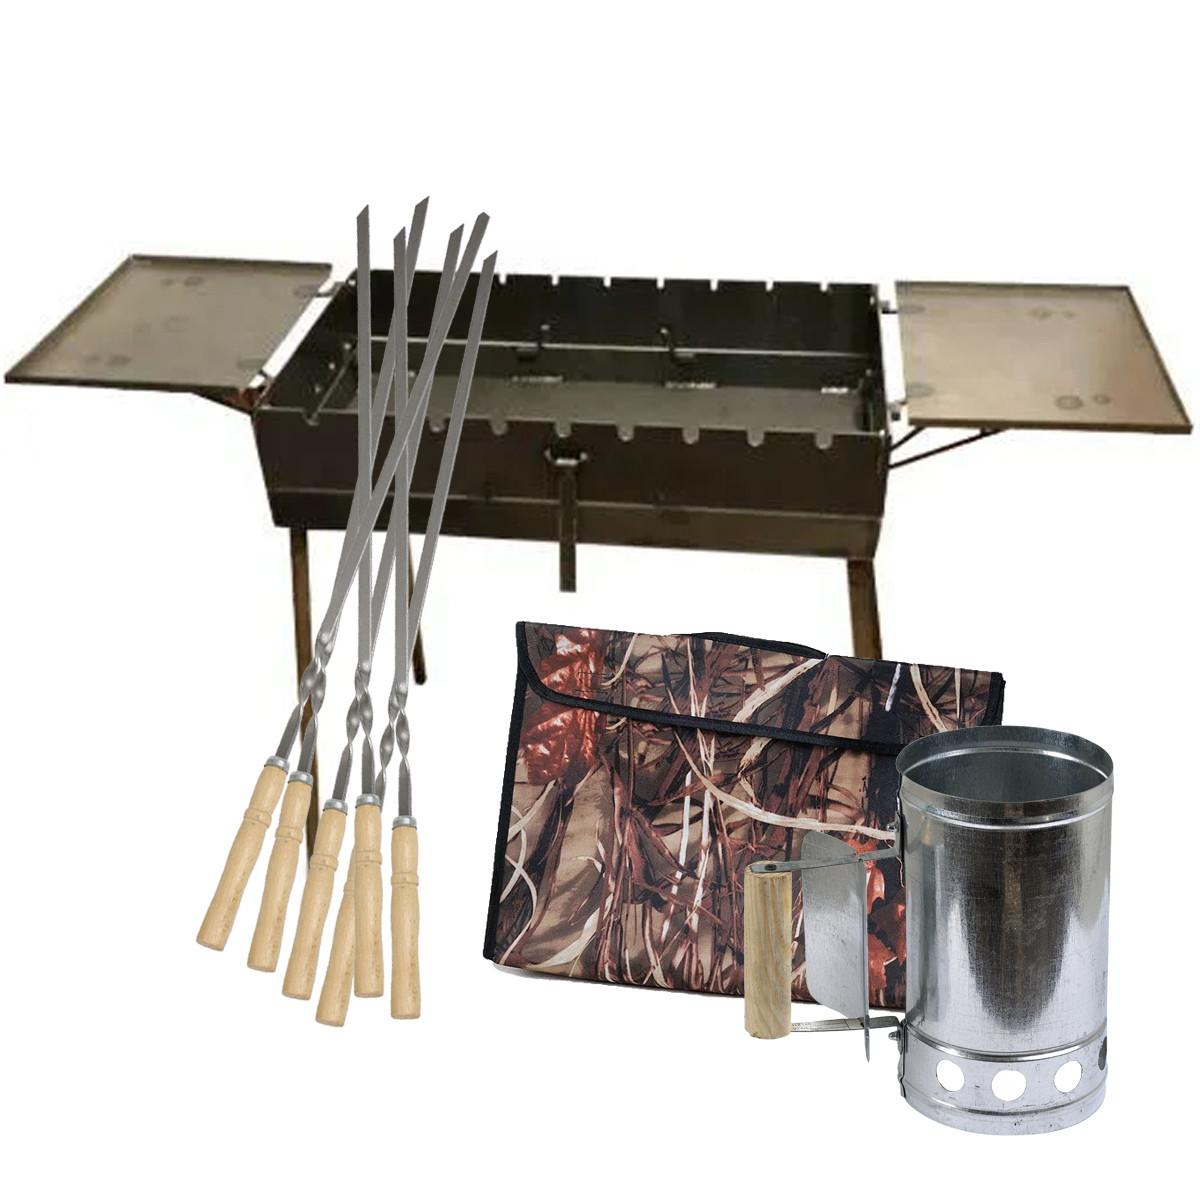 Мангал - валіза 3 мм на 9 шампурів зі столиками 570х300х150мм + Чохол + Набір шампурів + Стартер